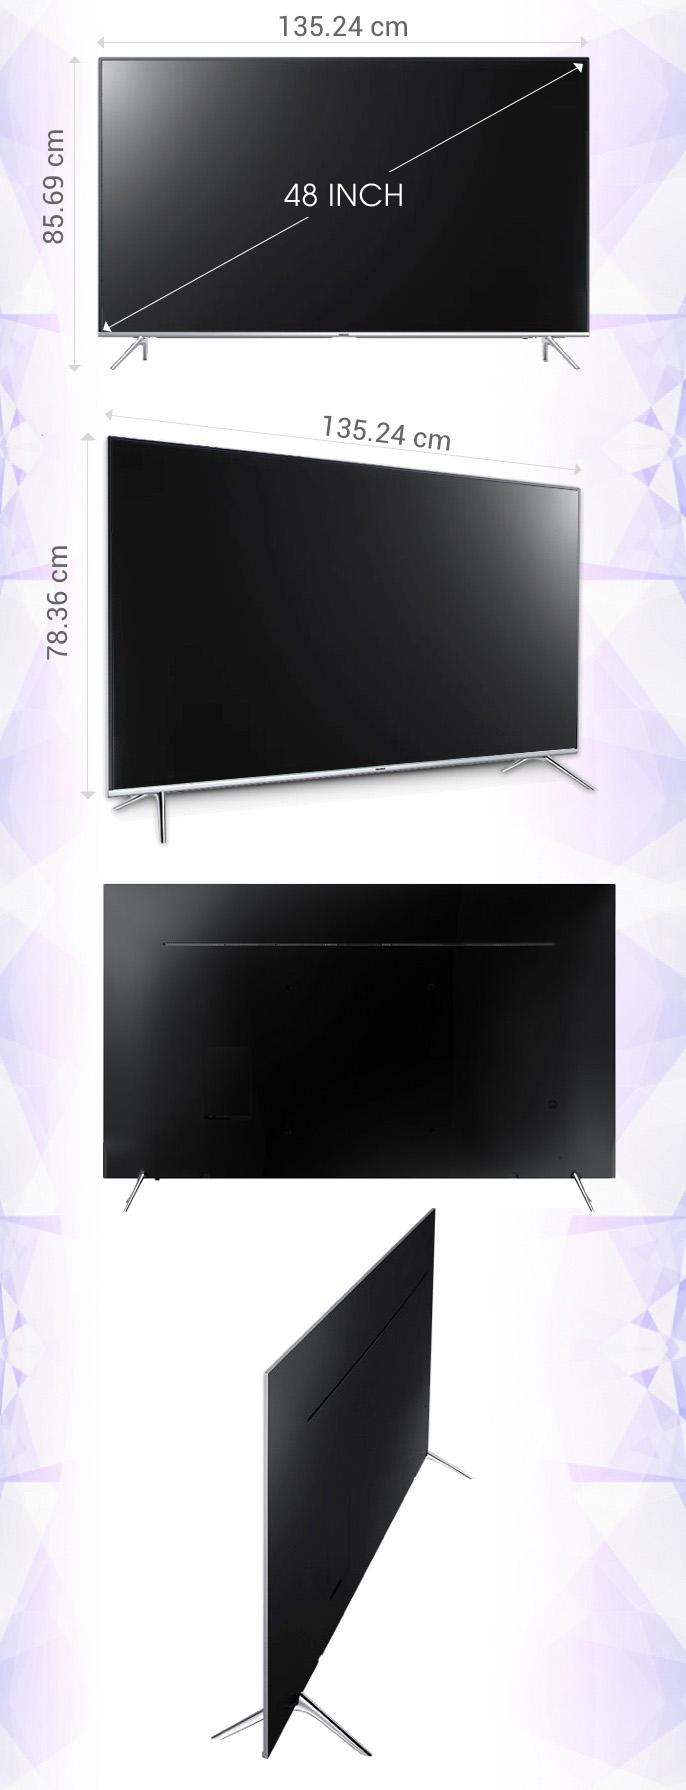 Smart tivi Samsung 60 inch UA60KS7000 - Kích thước tivi